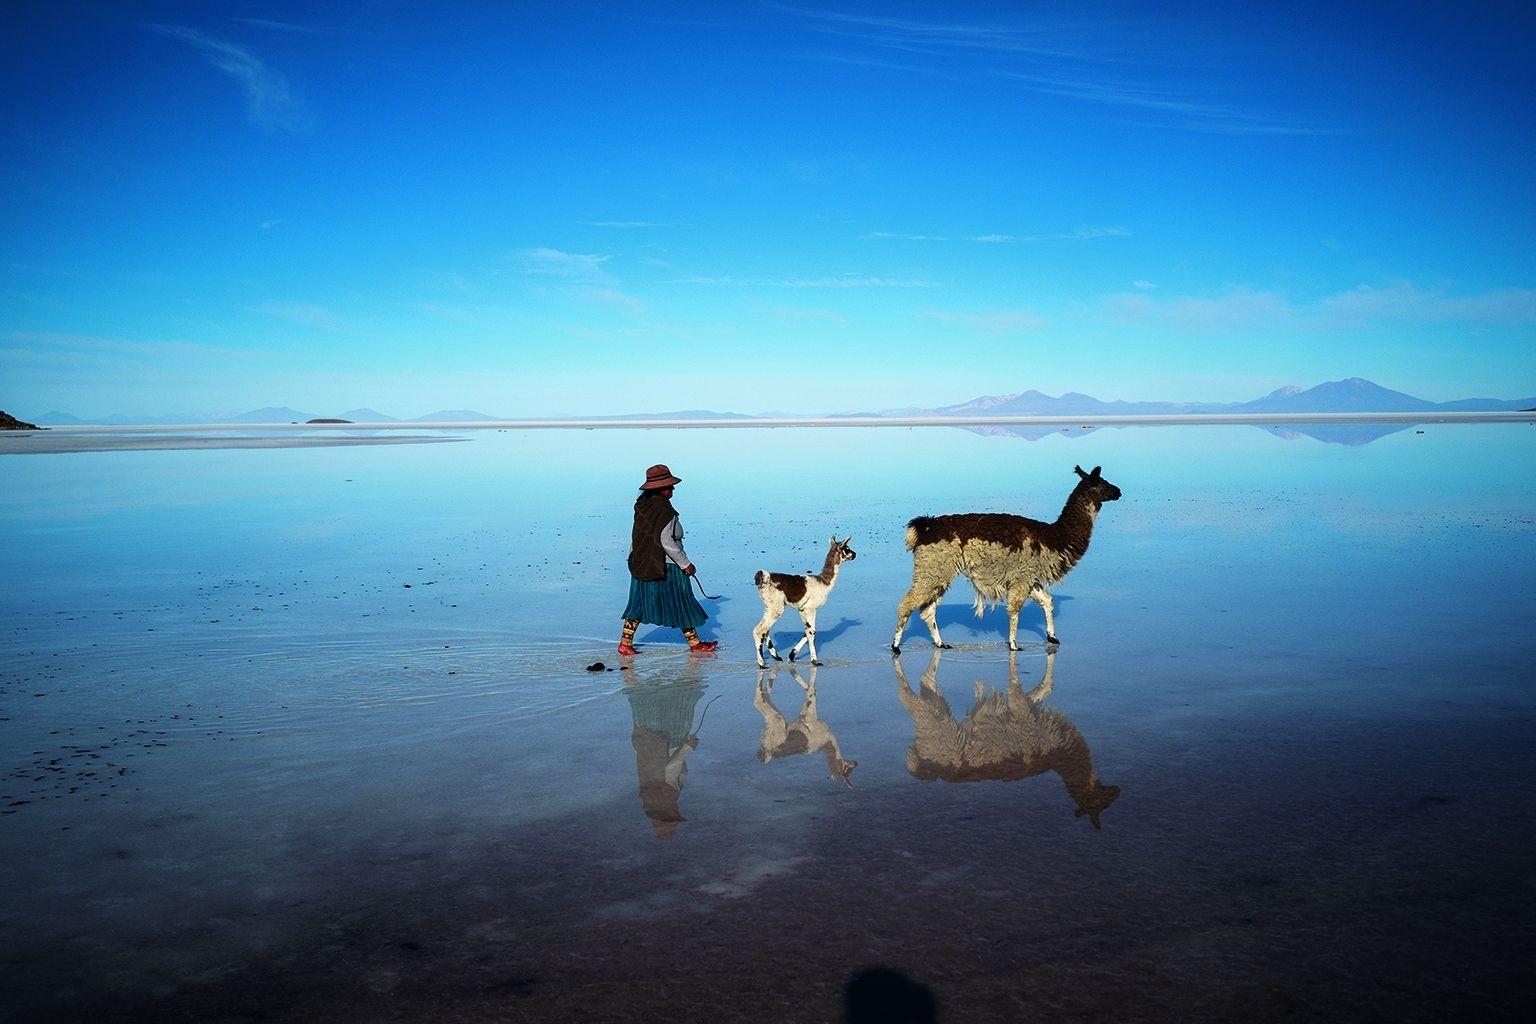 玻利維亞藏有大量鋰礦藏的烏由尼鹽沼上,一名艾馬拉族婦女將兩頭 羊駝趕回牧群。攝影:希德利克.賈布耶 CÉDRIC GERBEHAYE